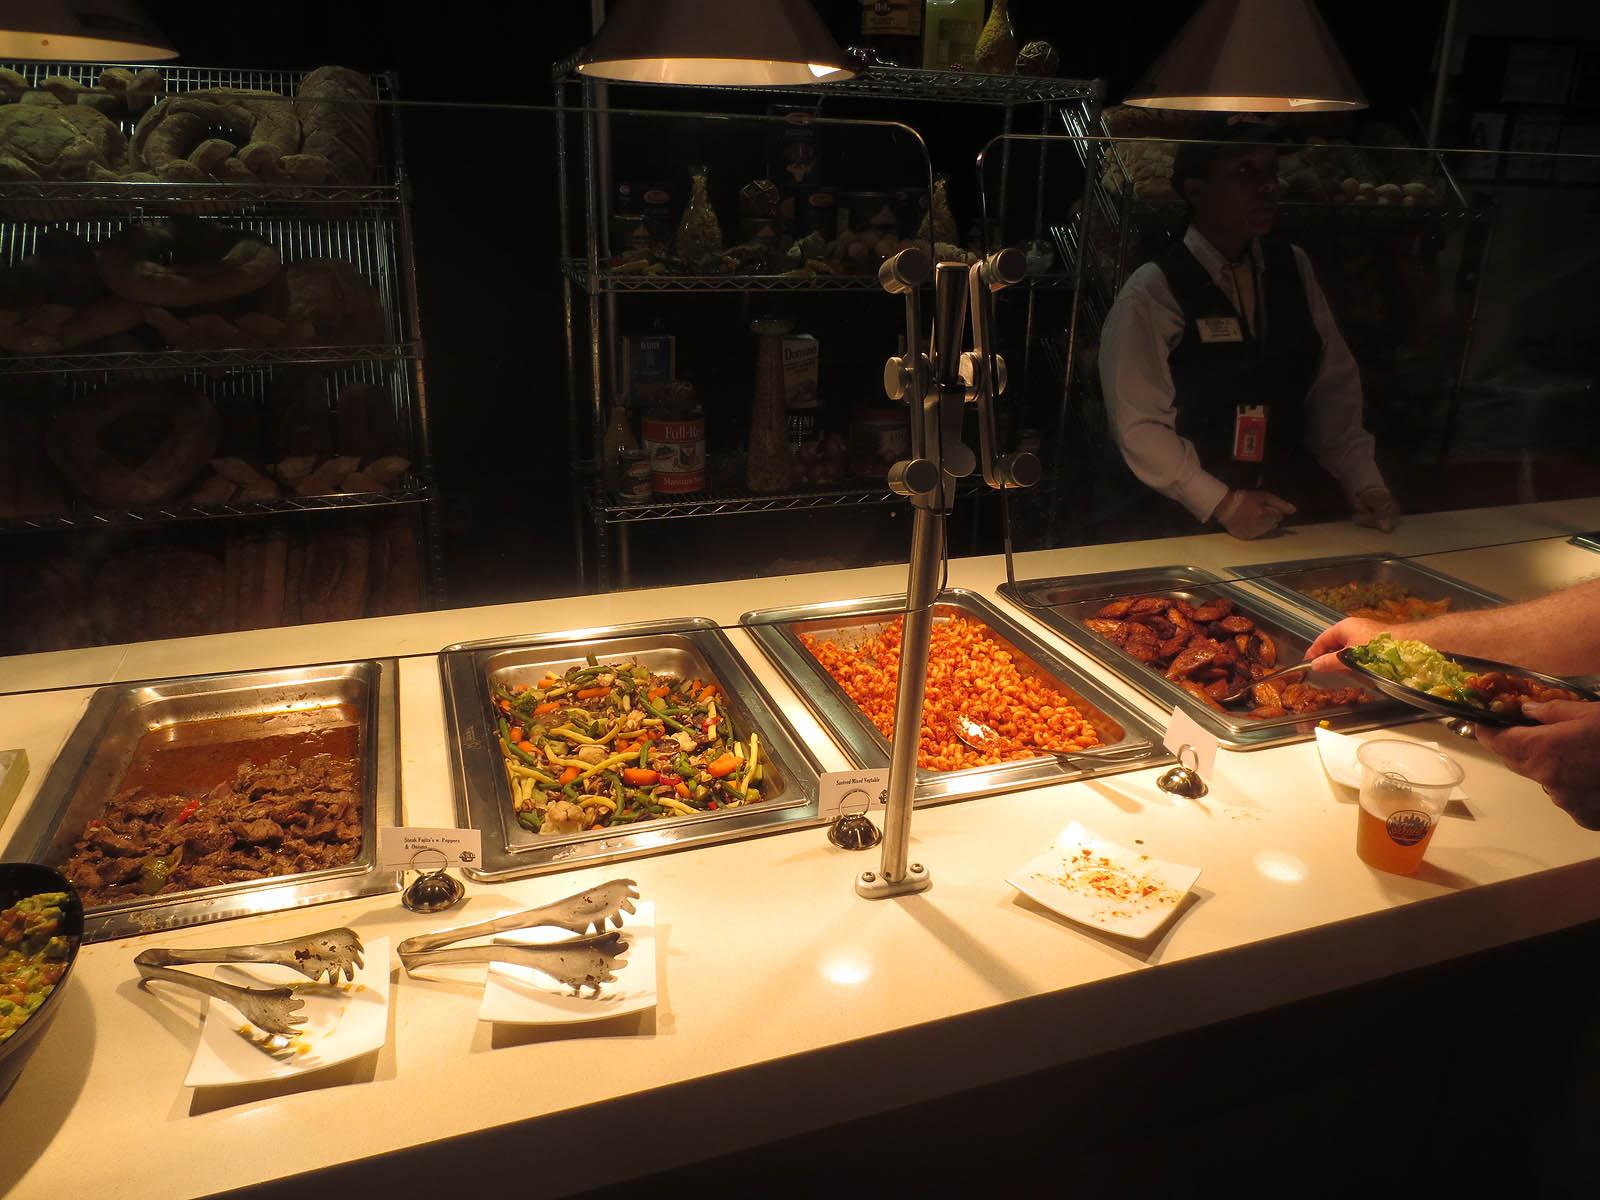 Food At Citi Field